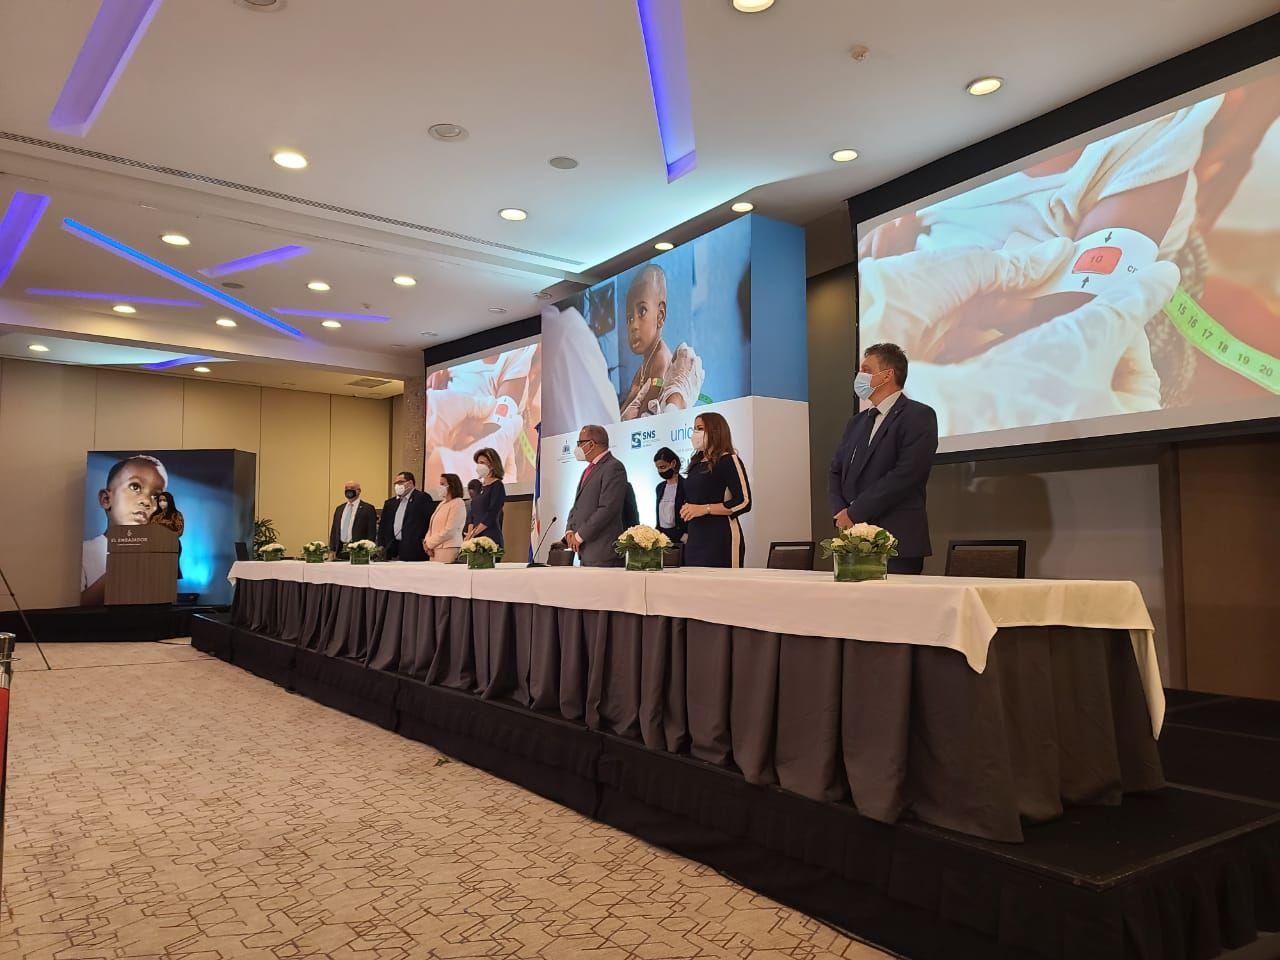 <p>Vicepresidencia, MSP, SNS y UNICEF presentan Plan Nacional para la Reducci&oacute;n de la Desnutrici&oacute;n Aguda</p>